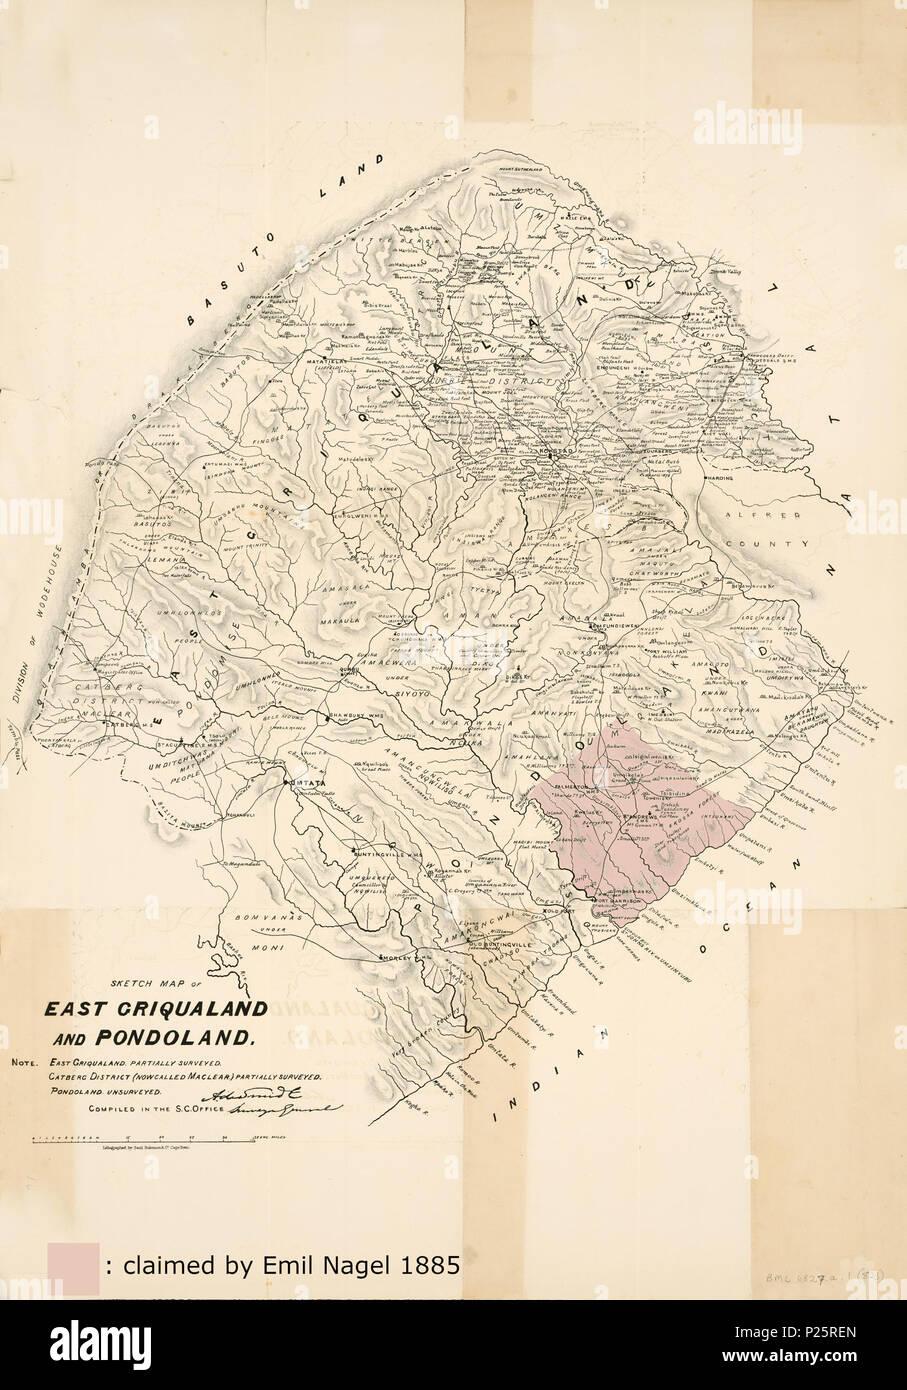 """. Inglese: """"mappa topografica di East Griqualand Pondoland e dal fiume Umtentwana al fiume Kogha sulla costa dell'Oceano Indiano e ai confini con la divisione di Wodehouse e Basutoland nell' entroterra. La mappa mostra la città, stazioni di missione, la posizione del clan africani, kraals, fiumi e montagne.' (descrizione dell'Università di Città del Capo) Successivamente la zona di concessione è stata marcata, che ha negoziato Emil Nagel 1885 con il Pondo chiefs Umhlangaso Umquikela e. Deutsch: 'Topographische Karte von East Griqualand und Pondoland vom Umtentwana-Fluss bis zum Kogha-Fluss un Immagini Stock"""